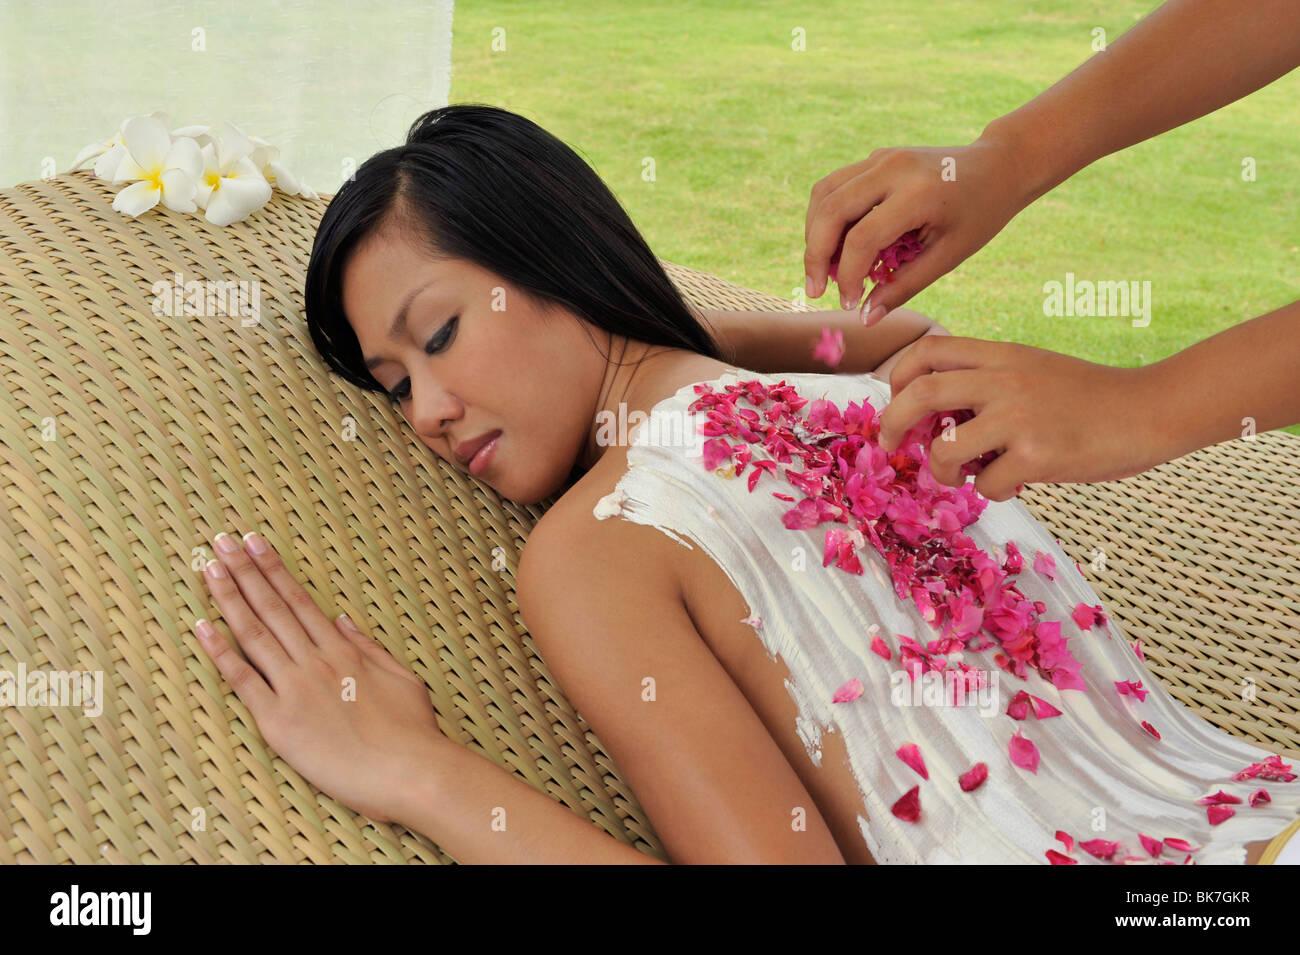 Di argilla di caolino maschera con petali di rosa Immagini Stock